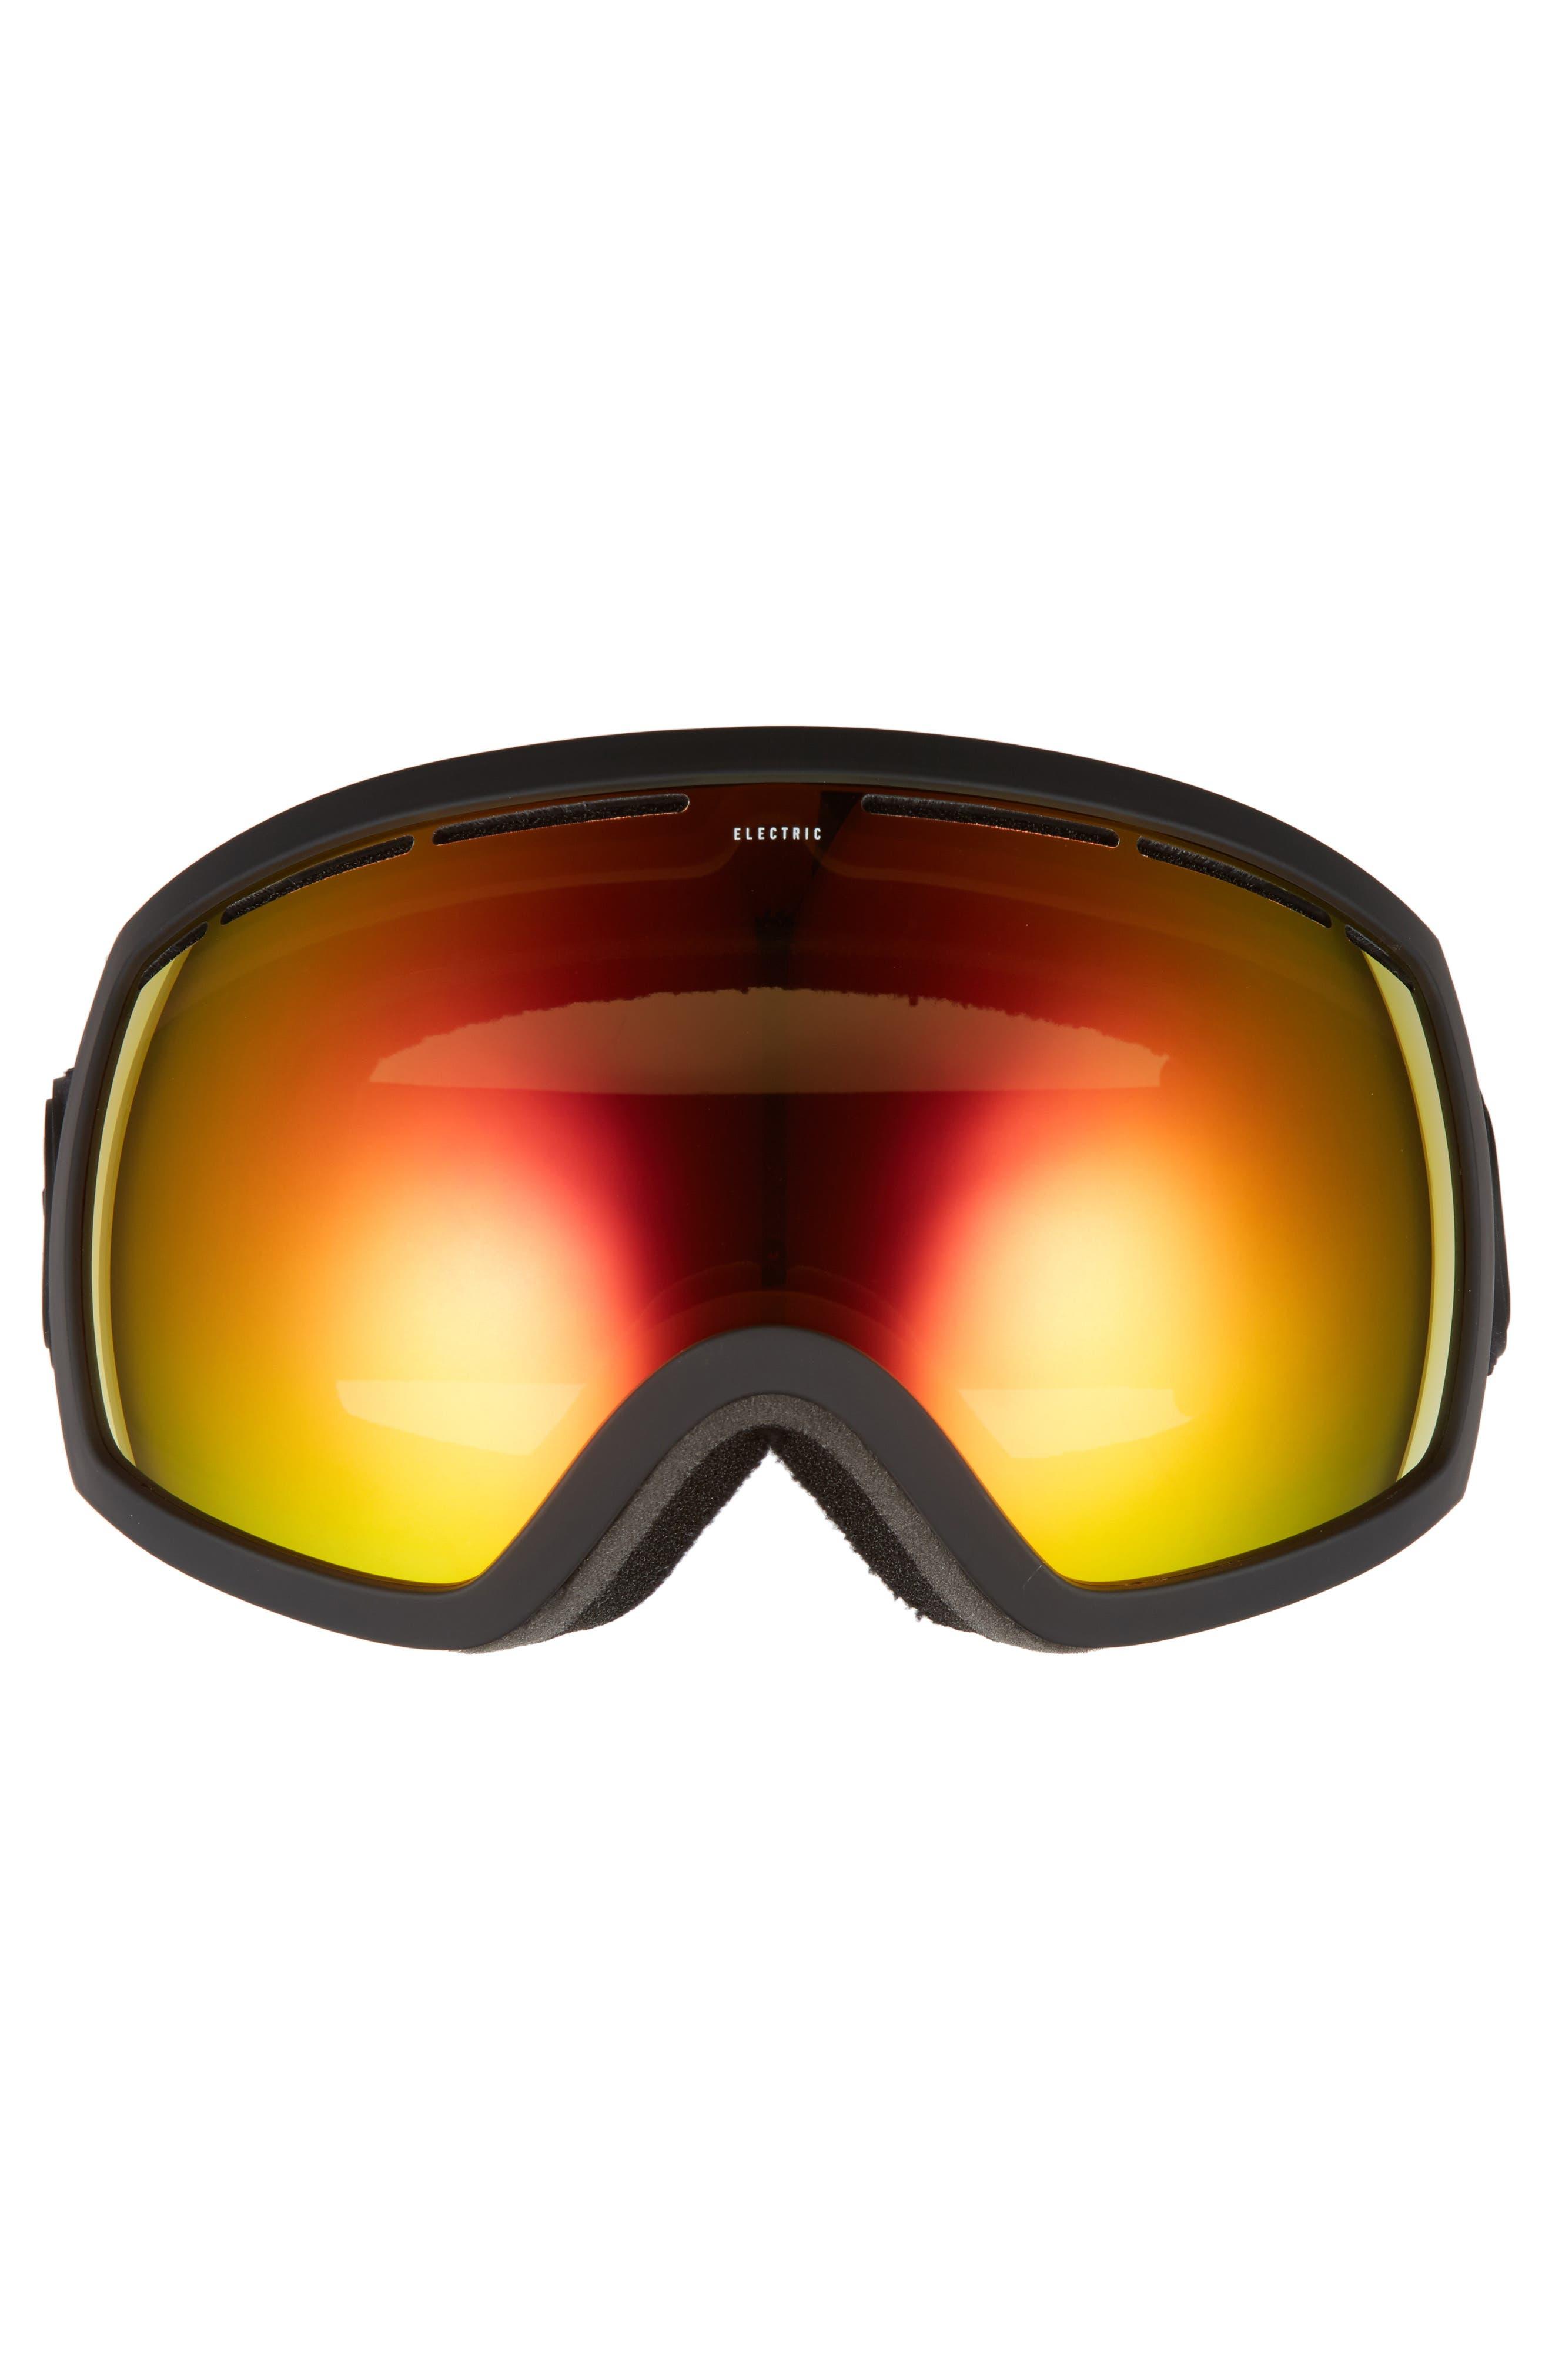 EG2 Snow Goggles,                             Alternate thumbnail 3, color,                             MATTE BLACK/ RED CHROME